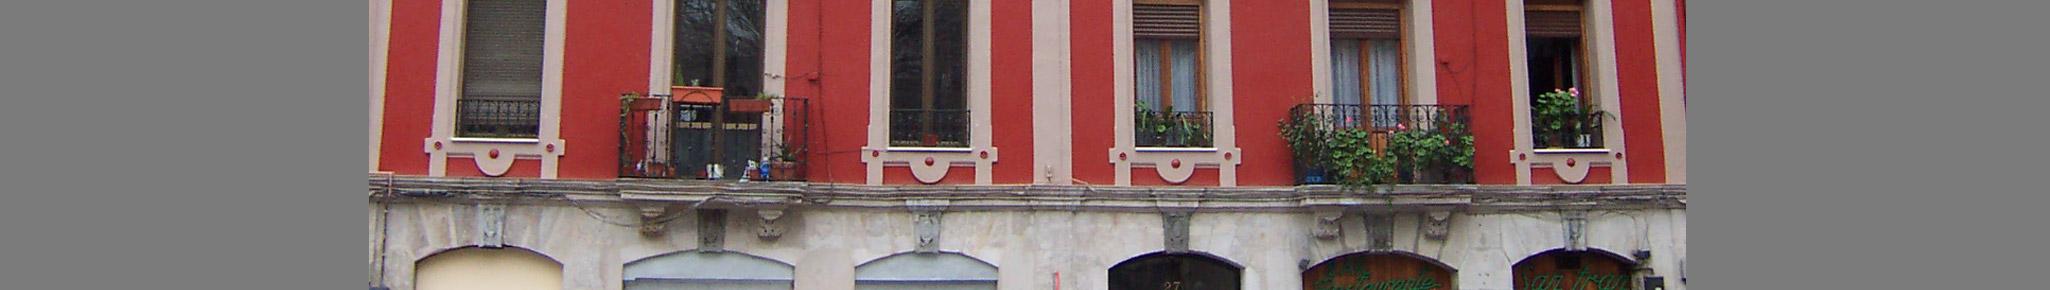 SF27_Bilbao